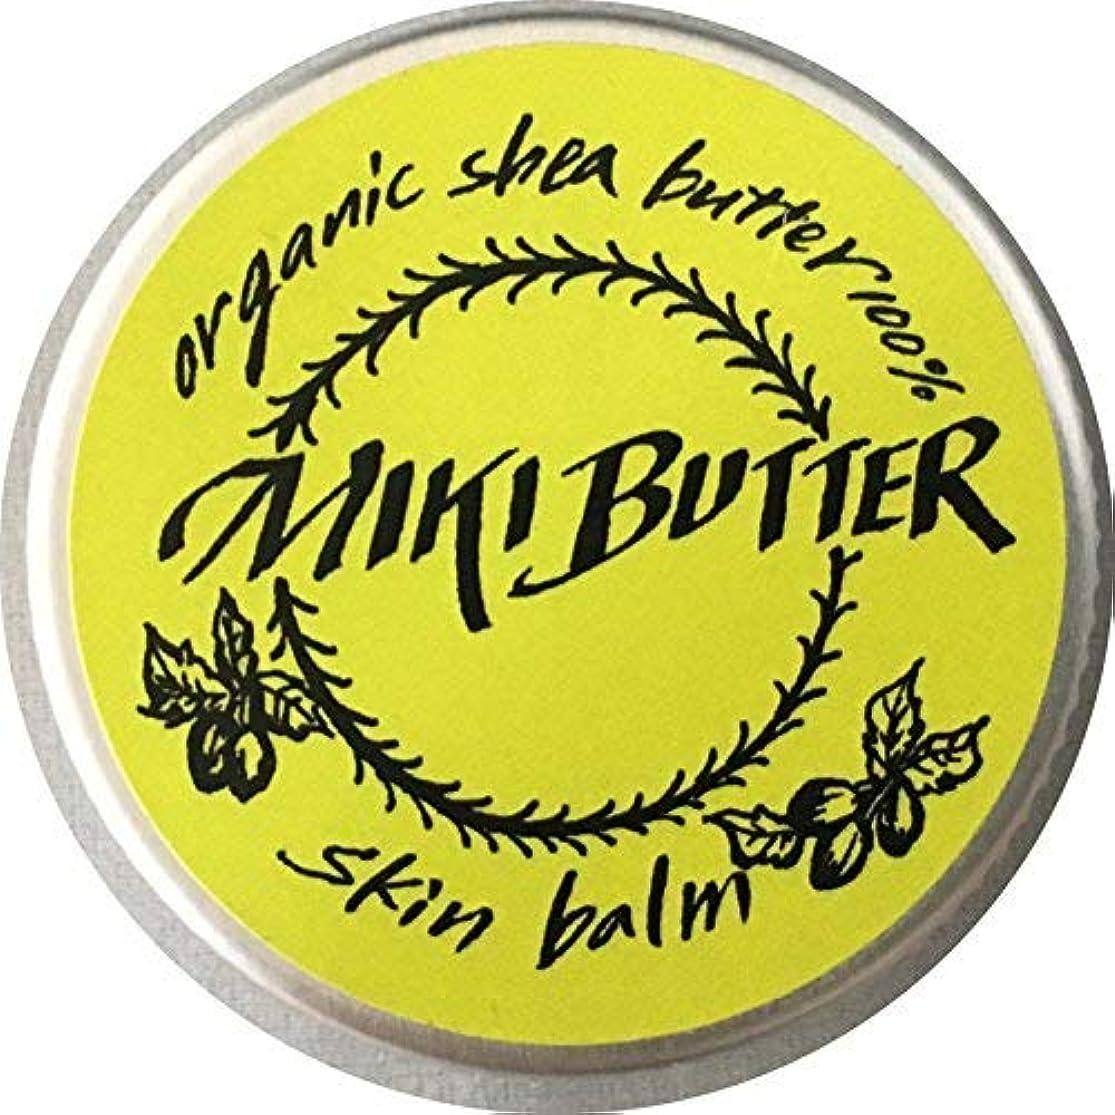 料理タイムリーな生きる100% 天然 未精製シアバター ミキバター (パール柑, 45)